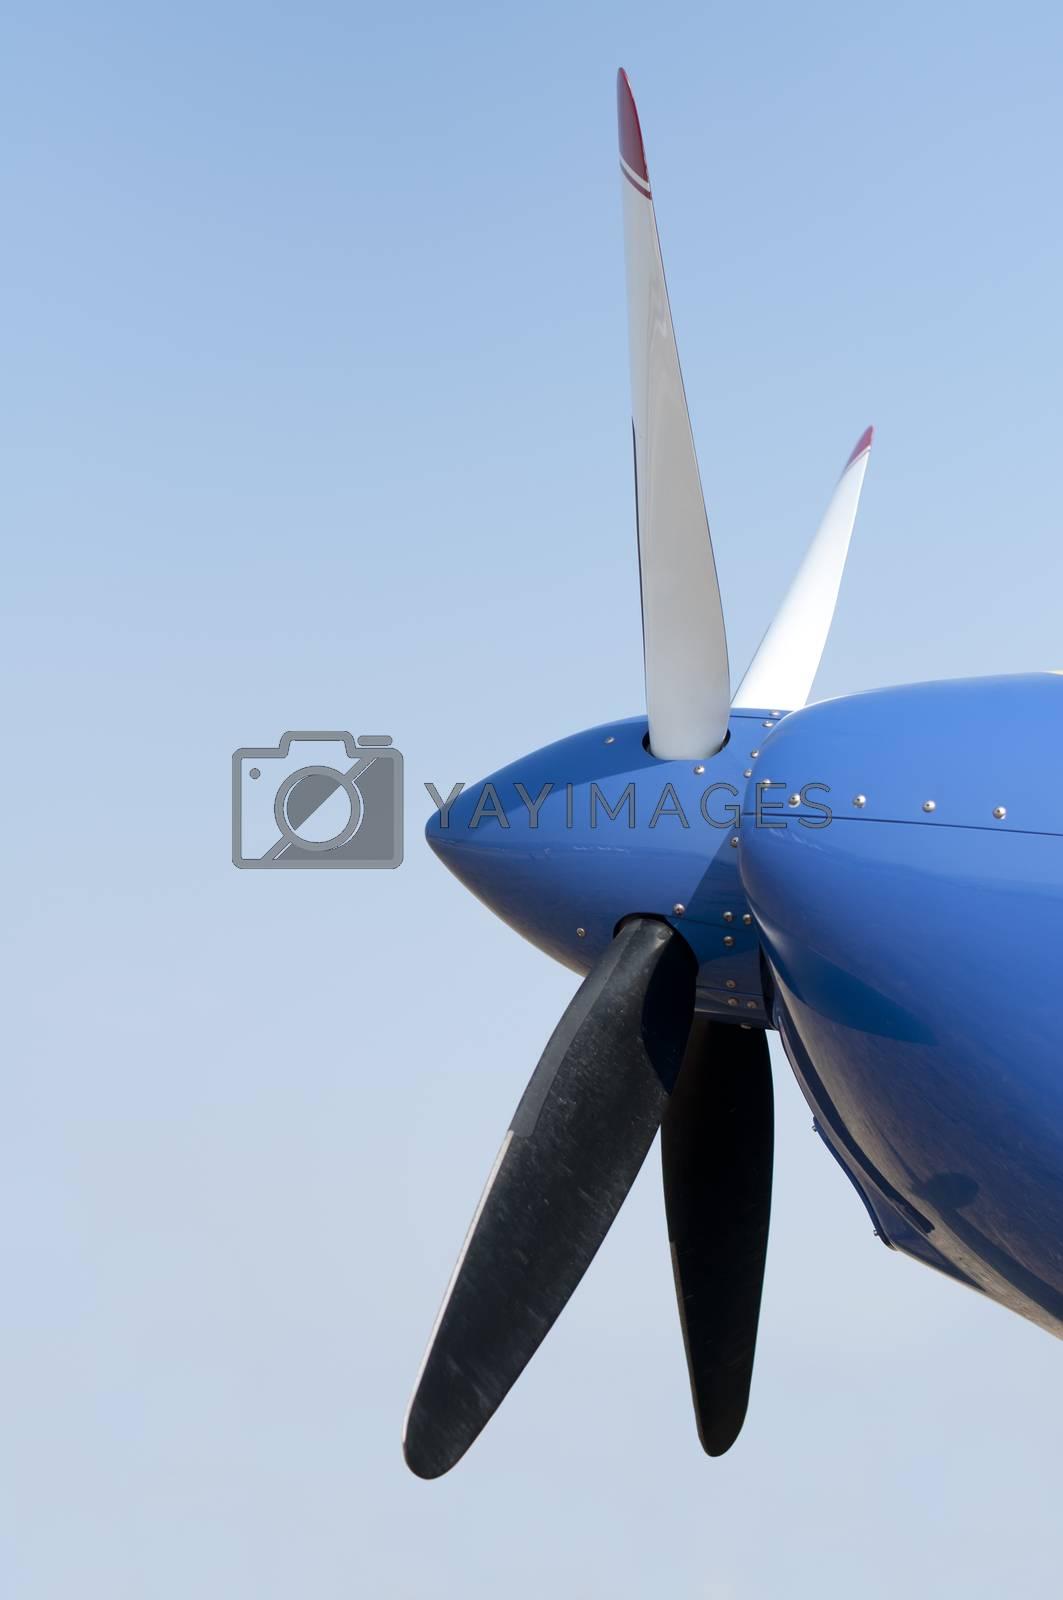 White plane propeller on blue sky background